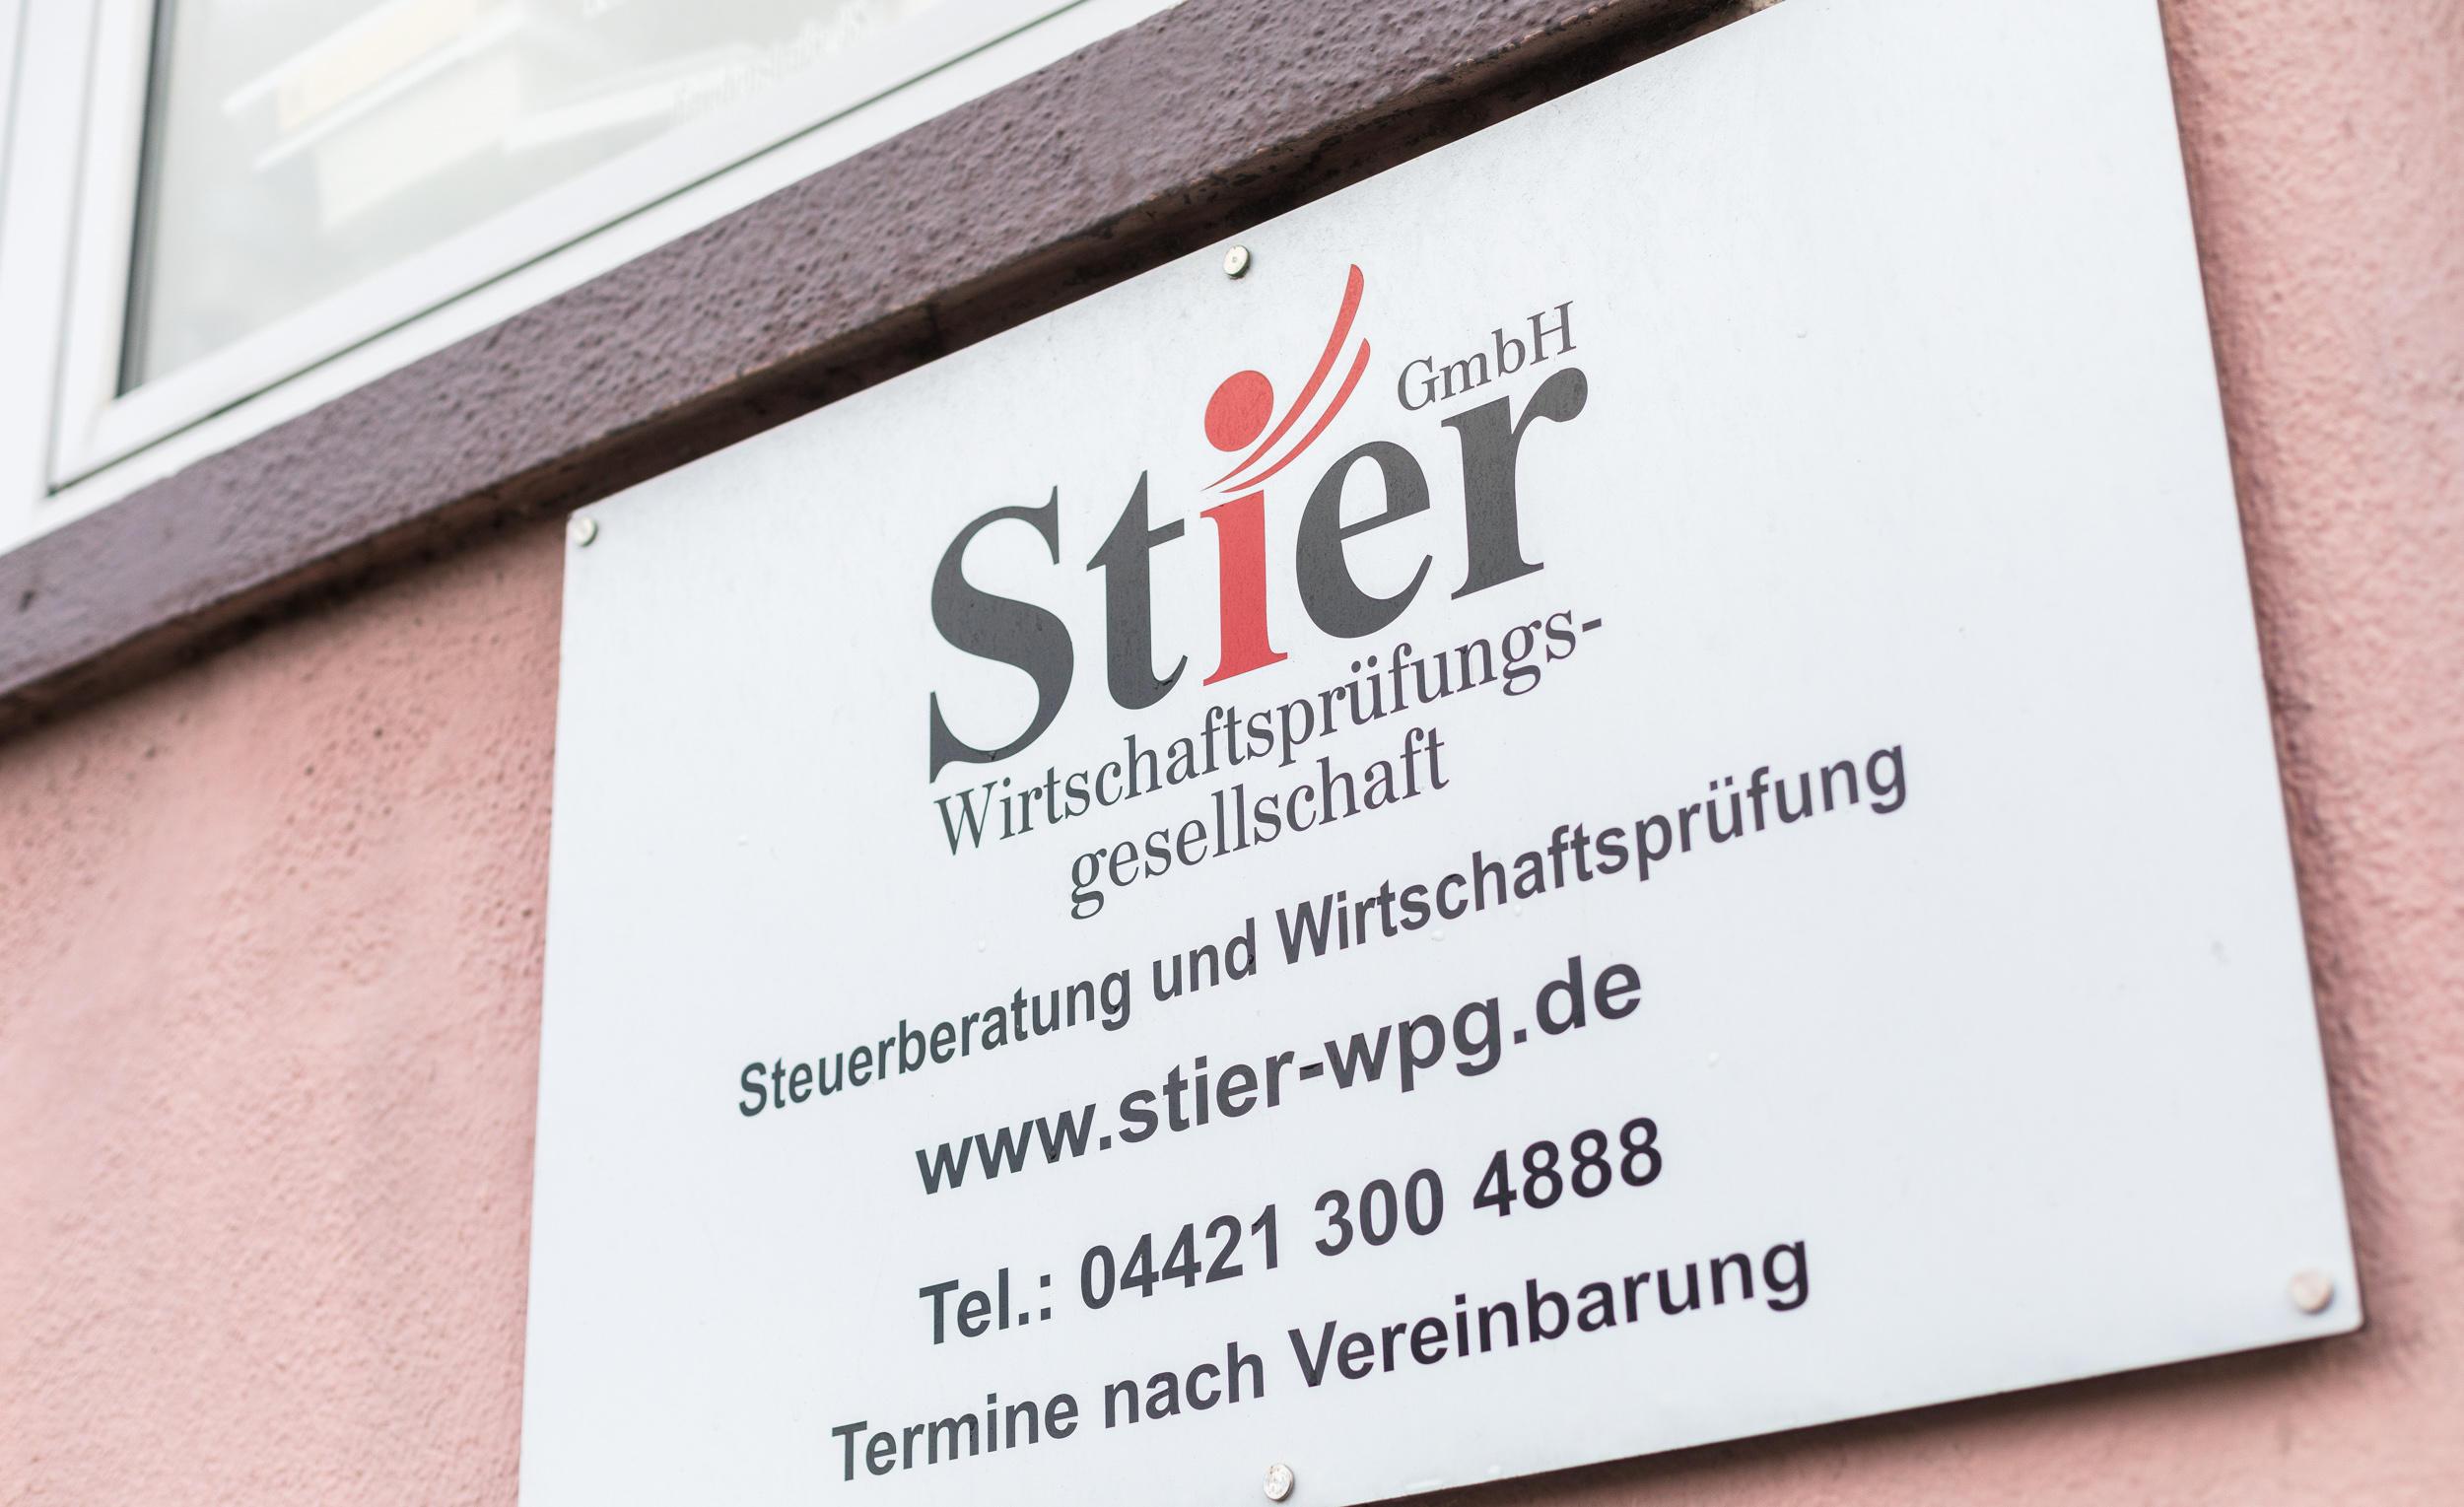 Stier GmbH Wirtschaftsprüfungsgesellschaft Steuerberater